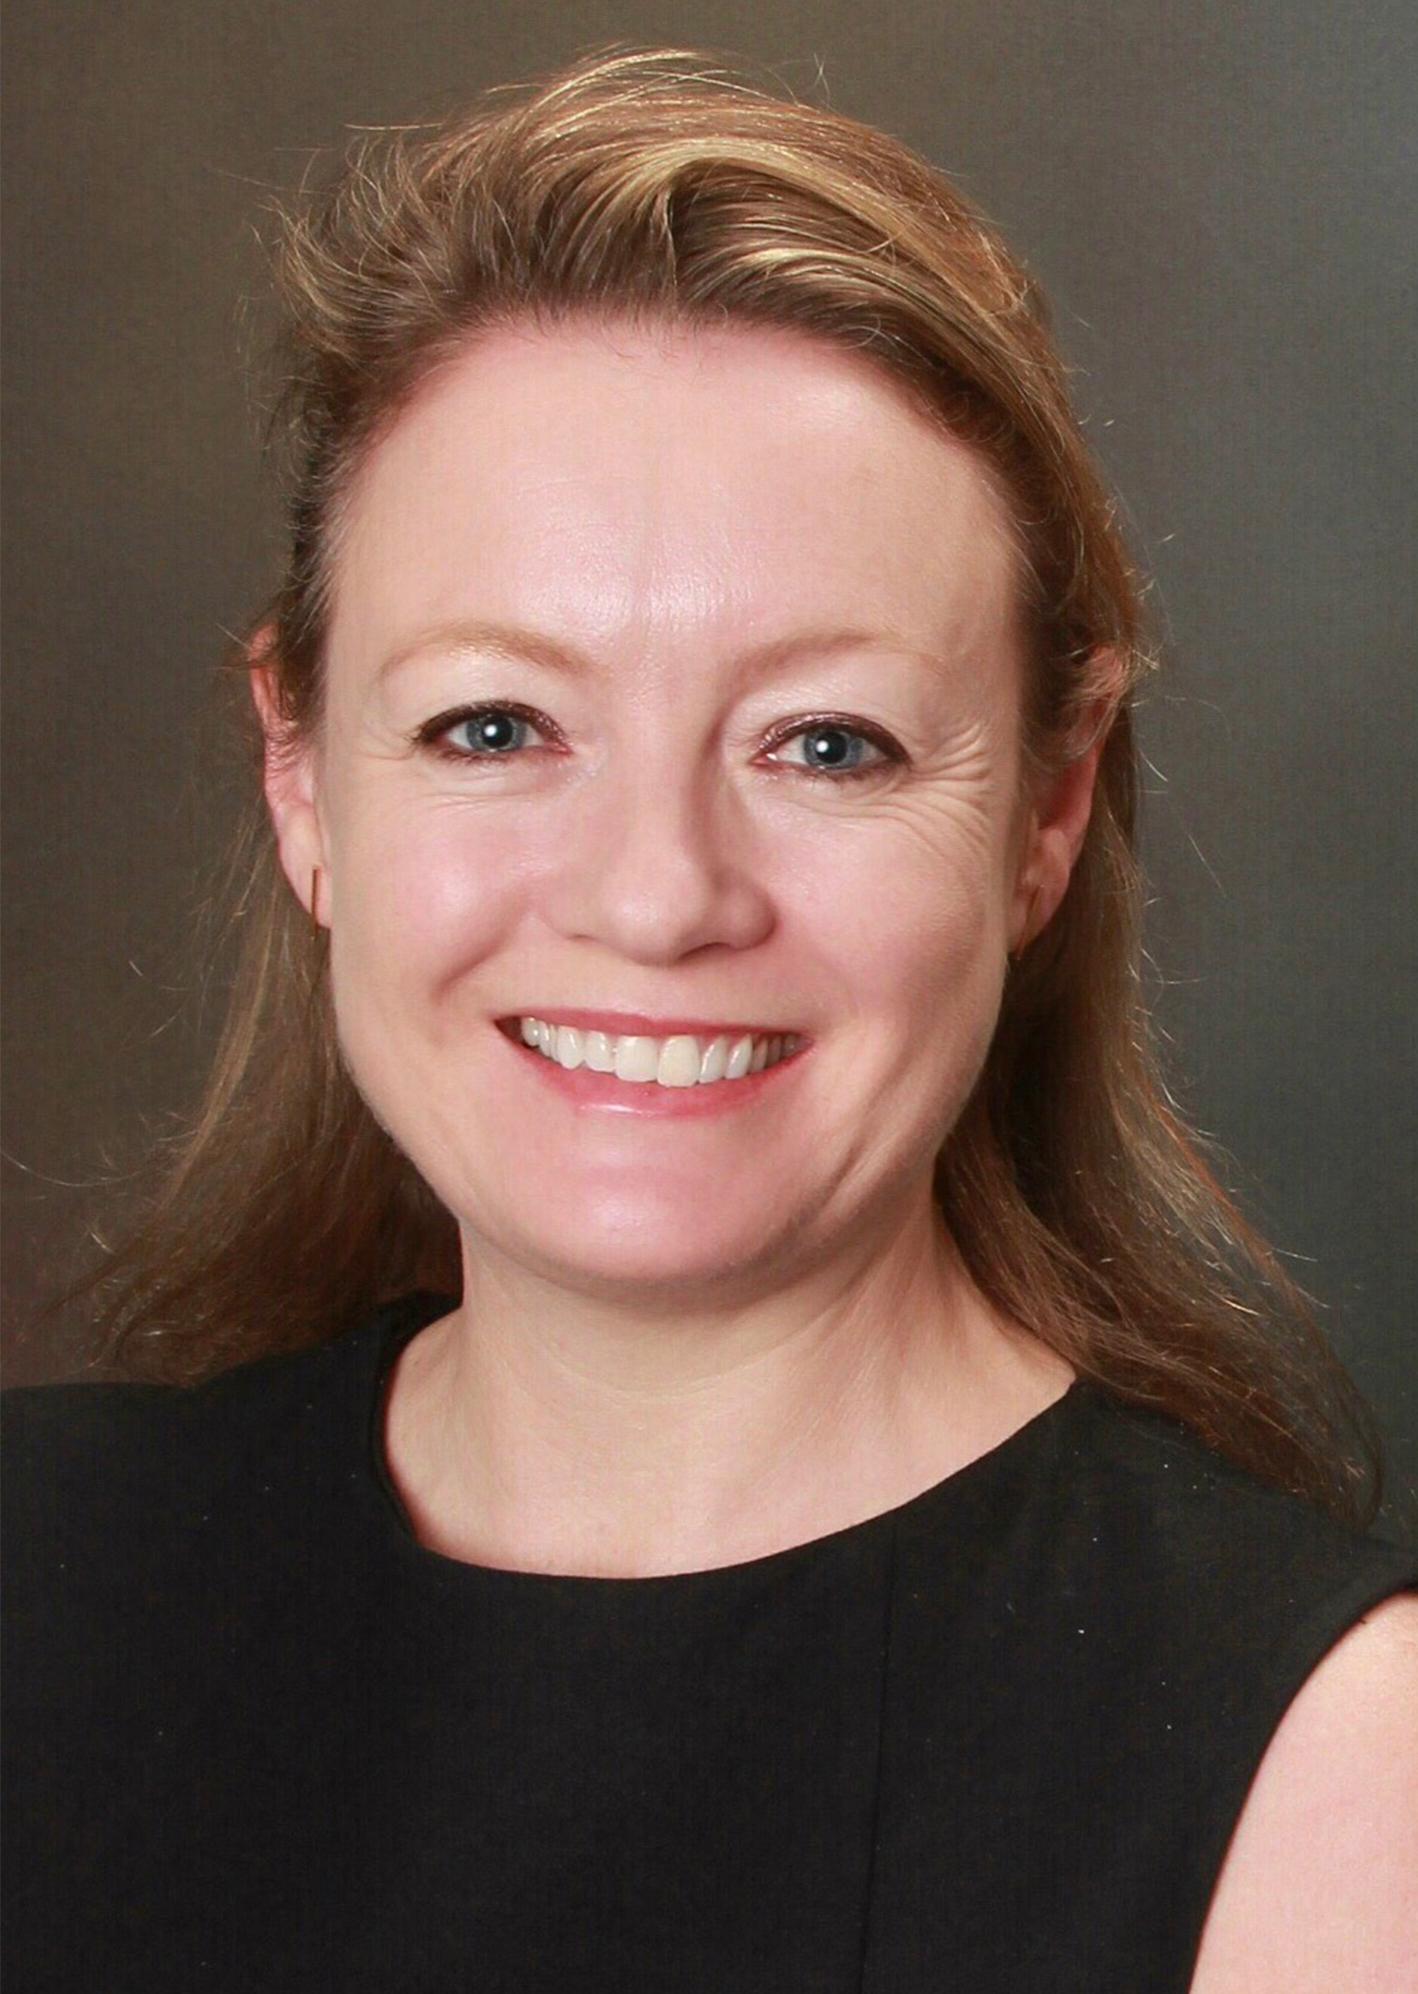 Florence Foley